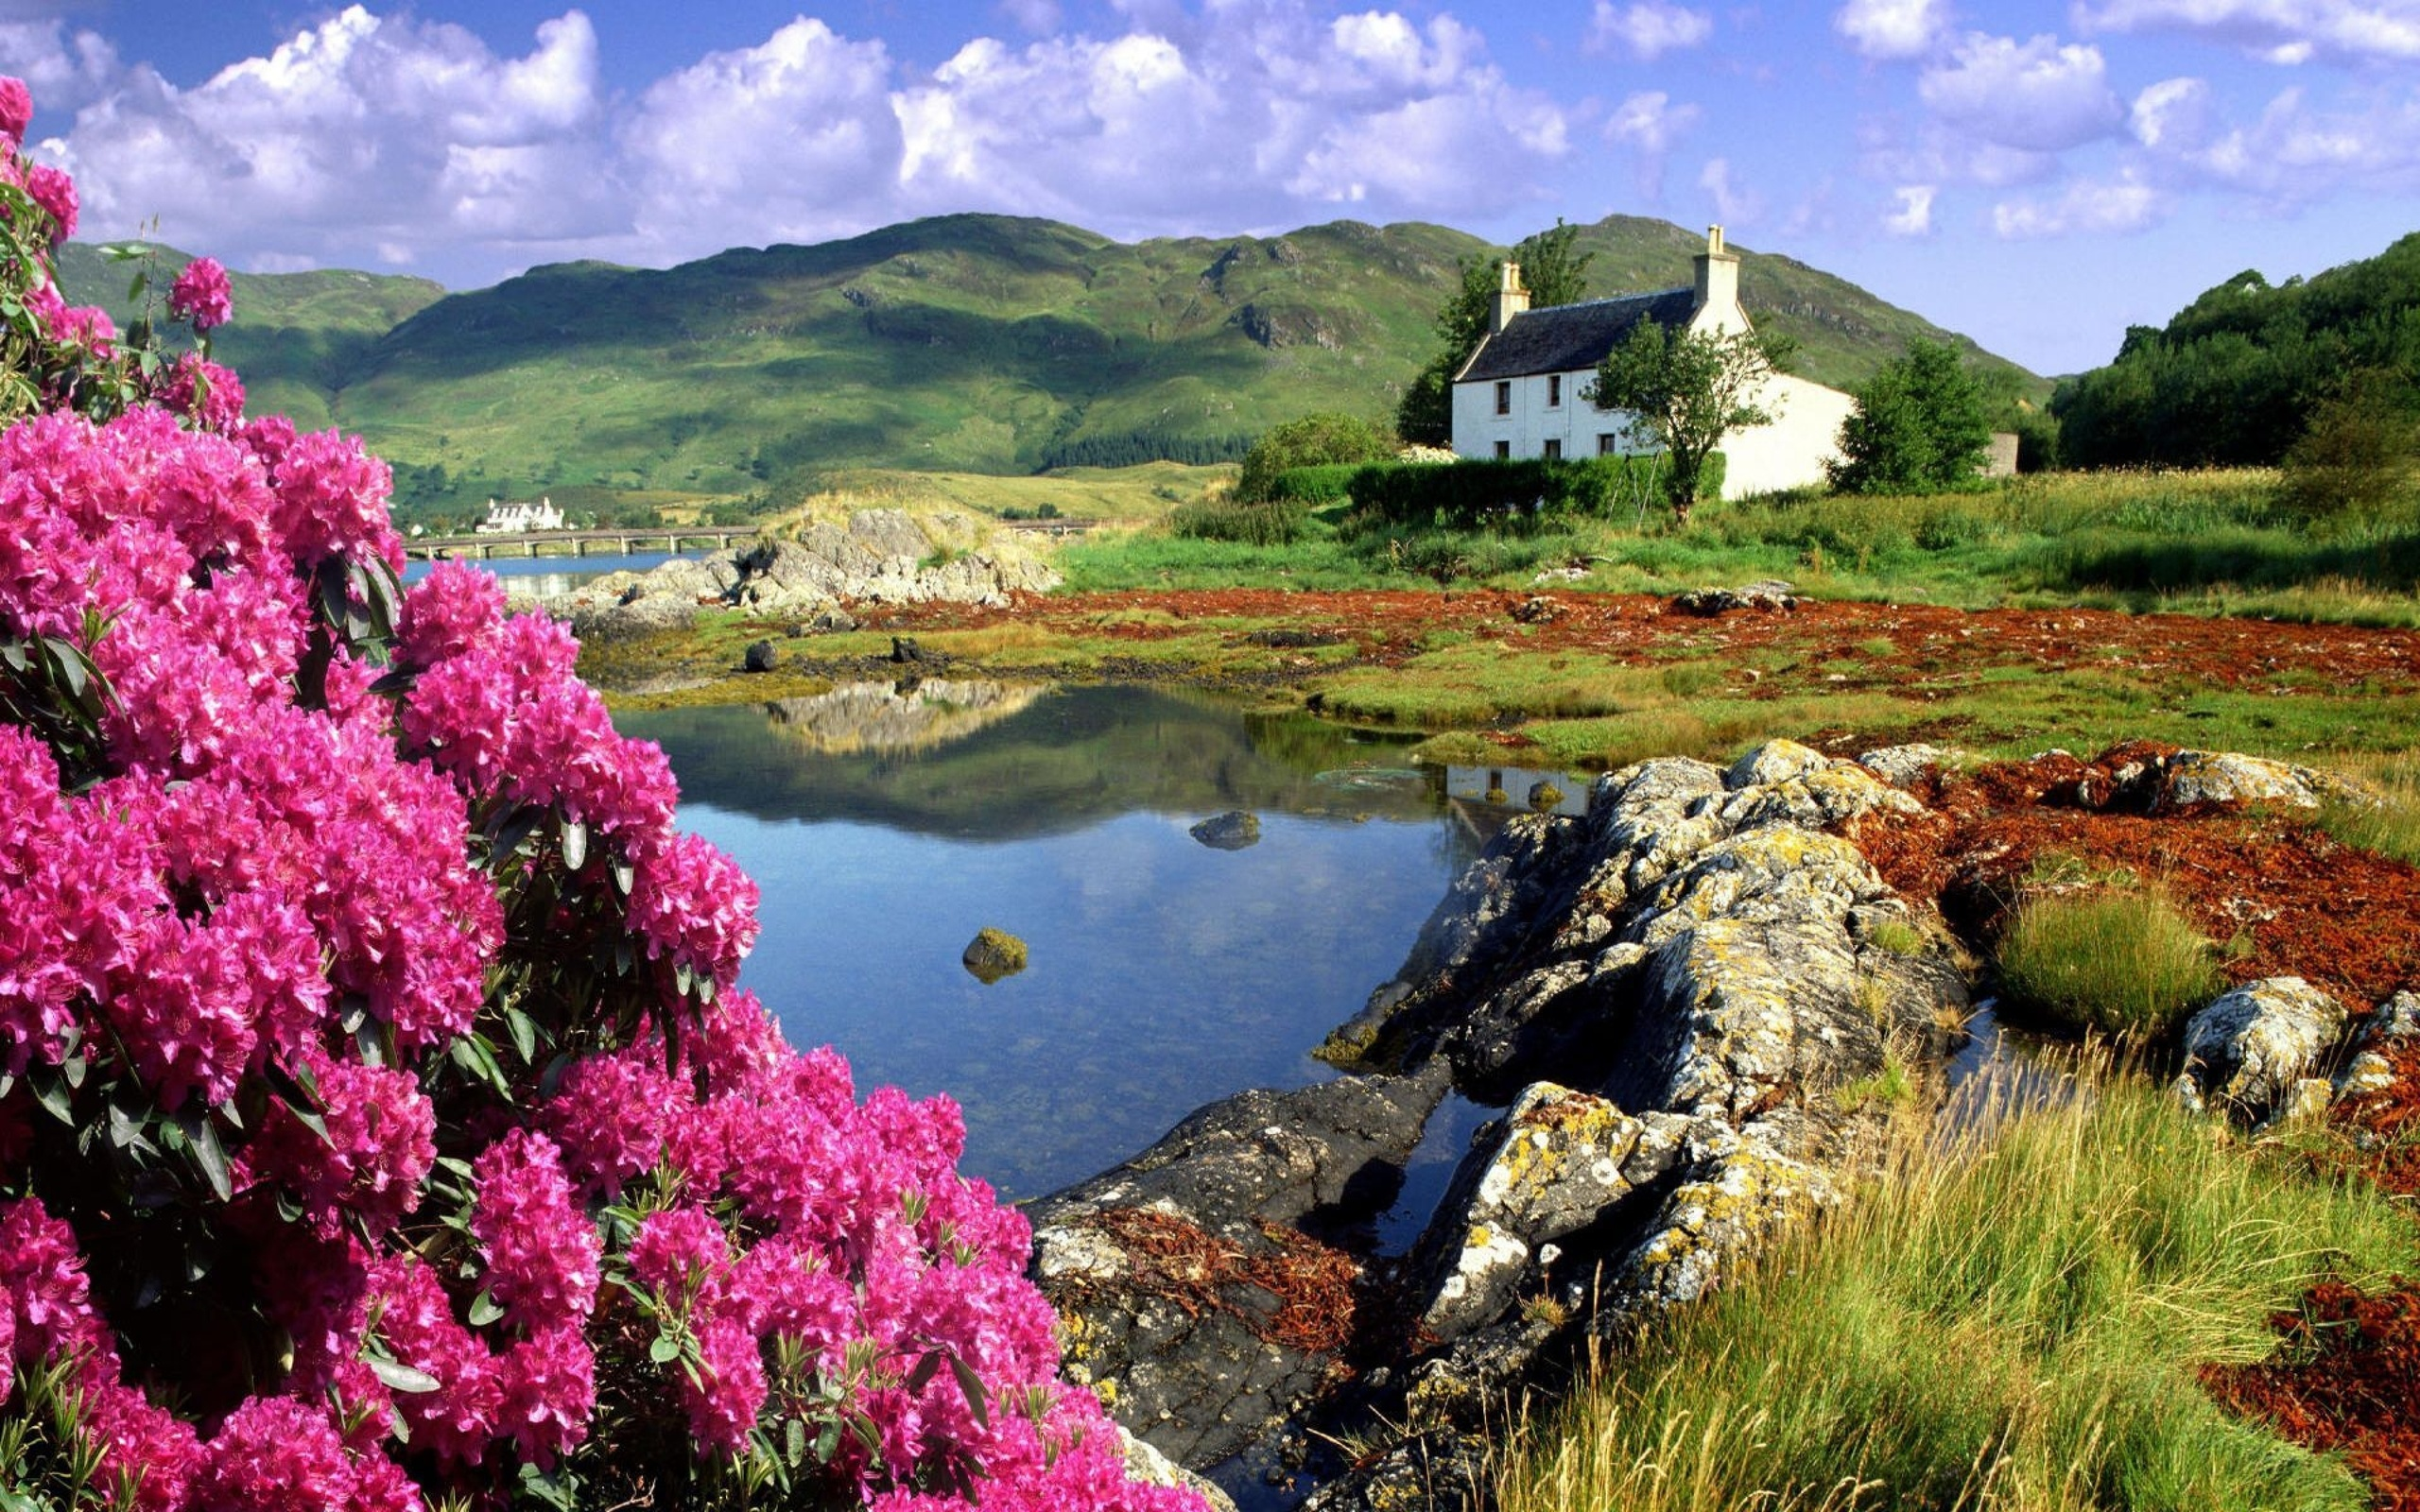 картинки красивые природа весна и лето несмотря